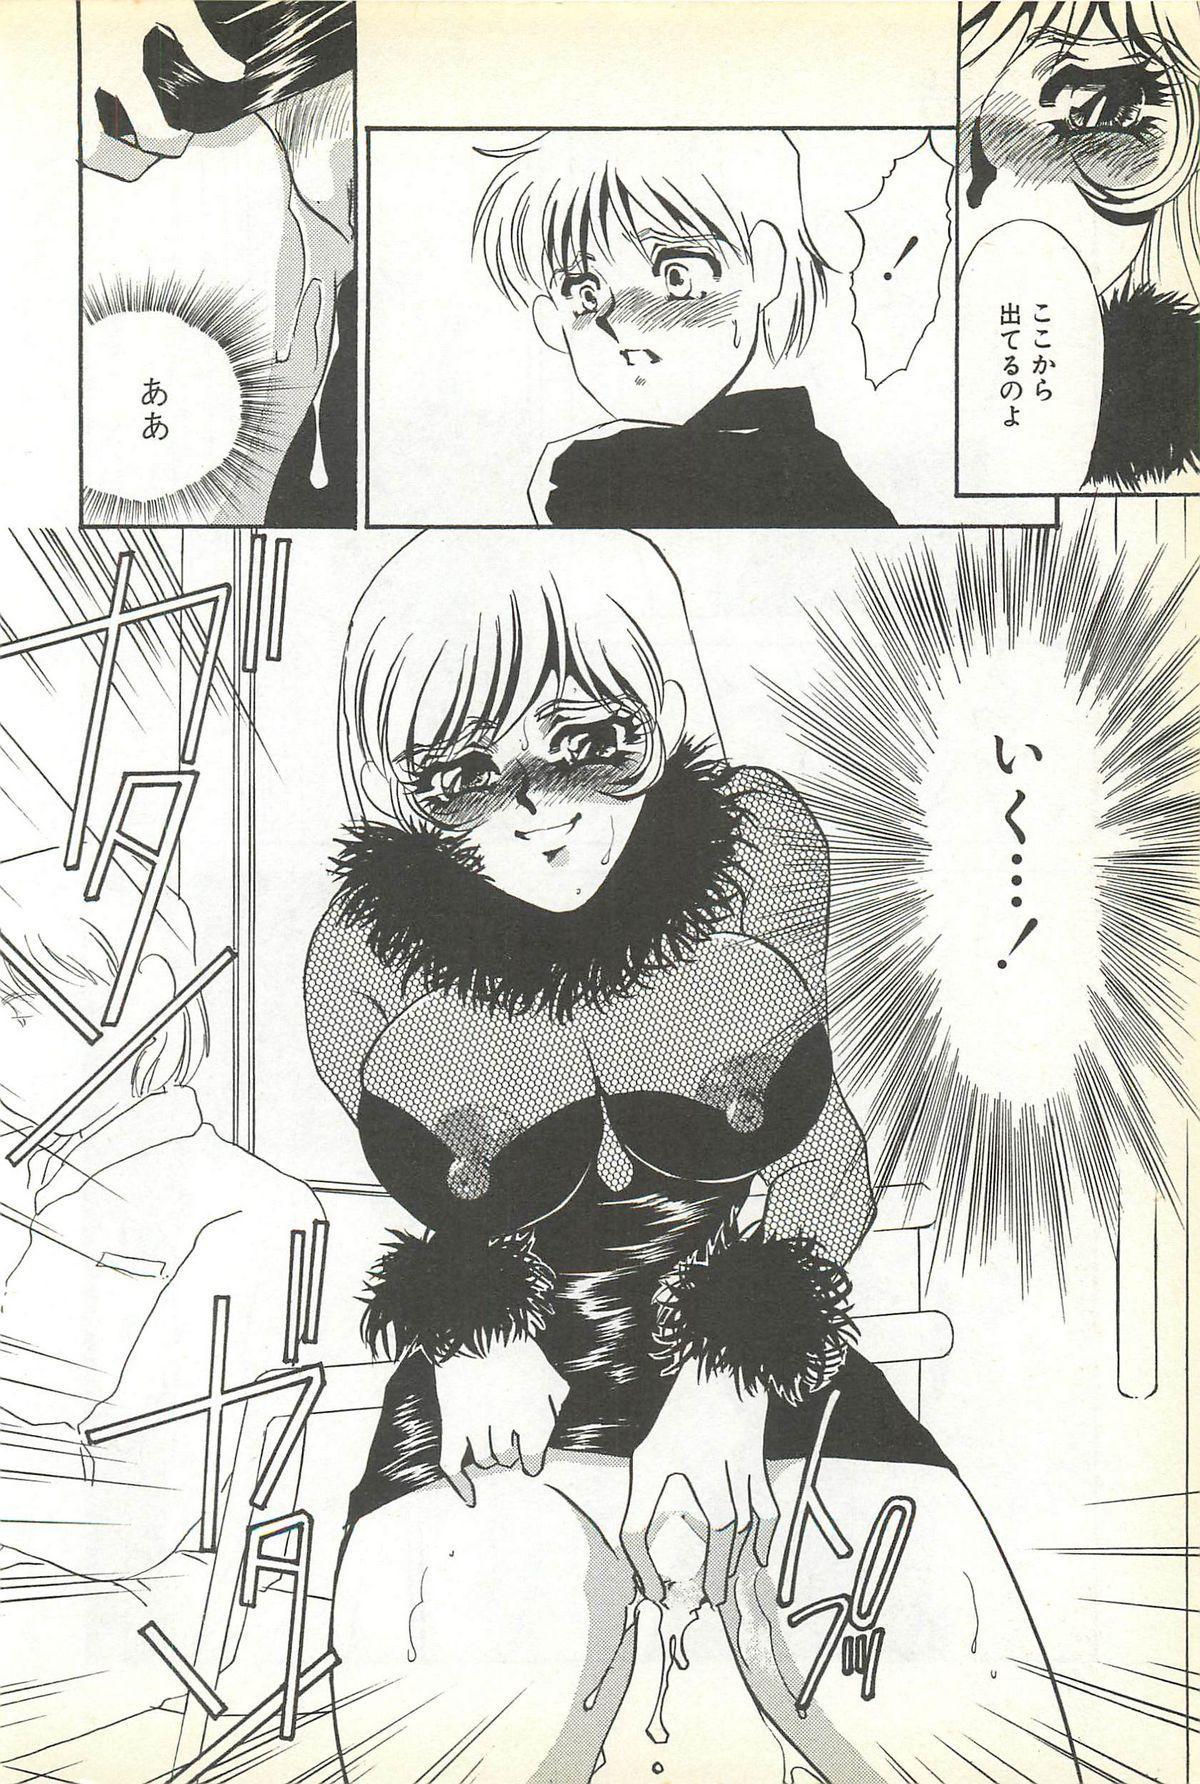 Chigyaku no Heya - A Shameful Punishment Room 56